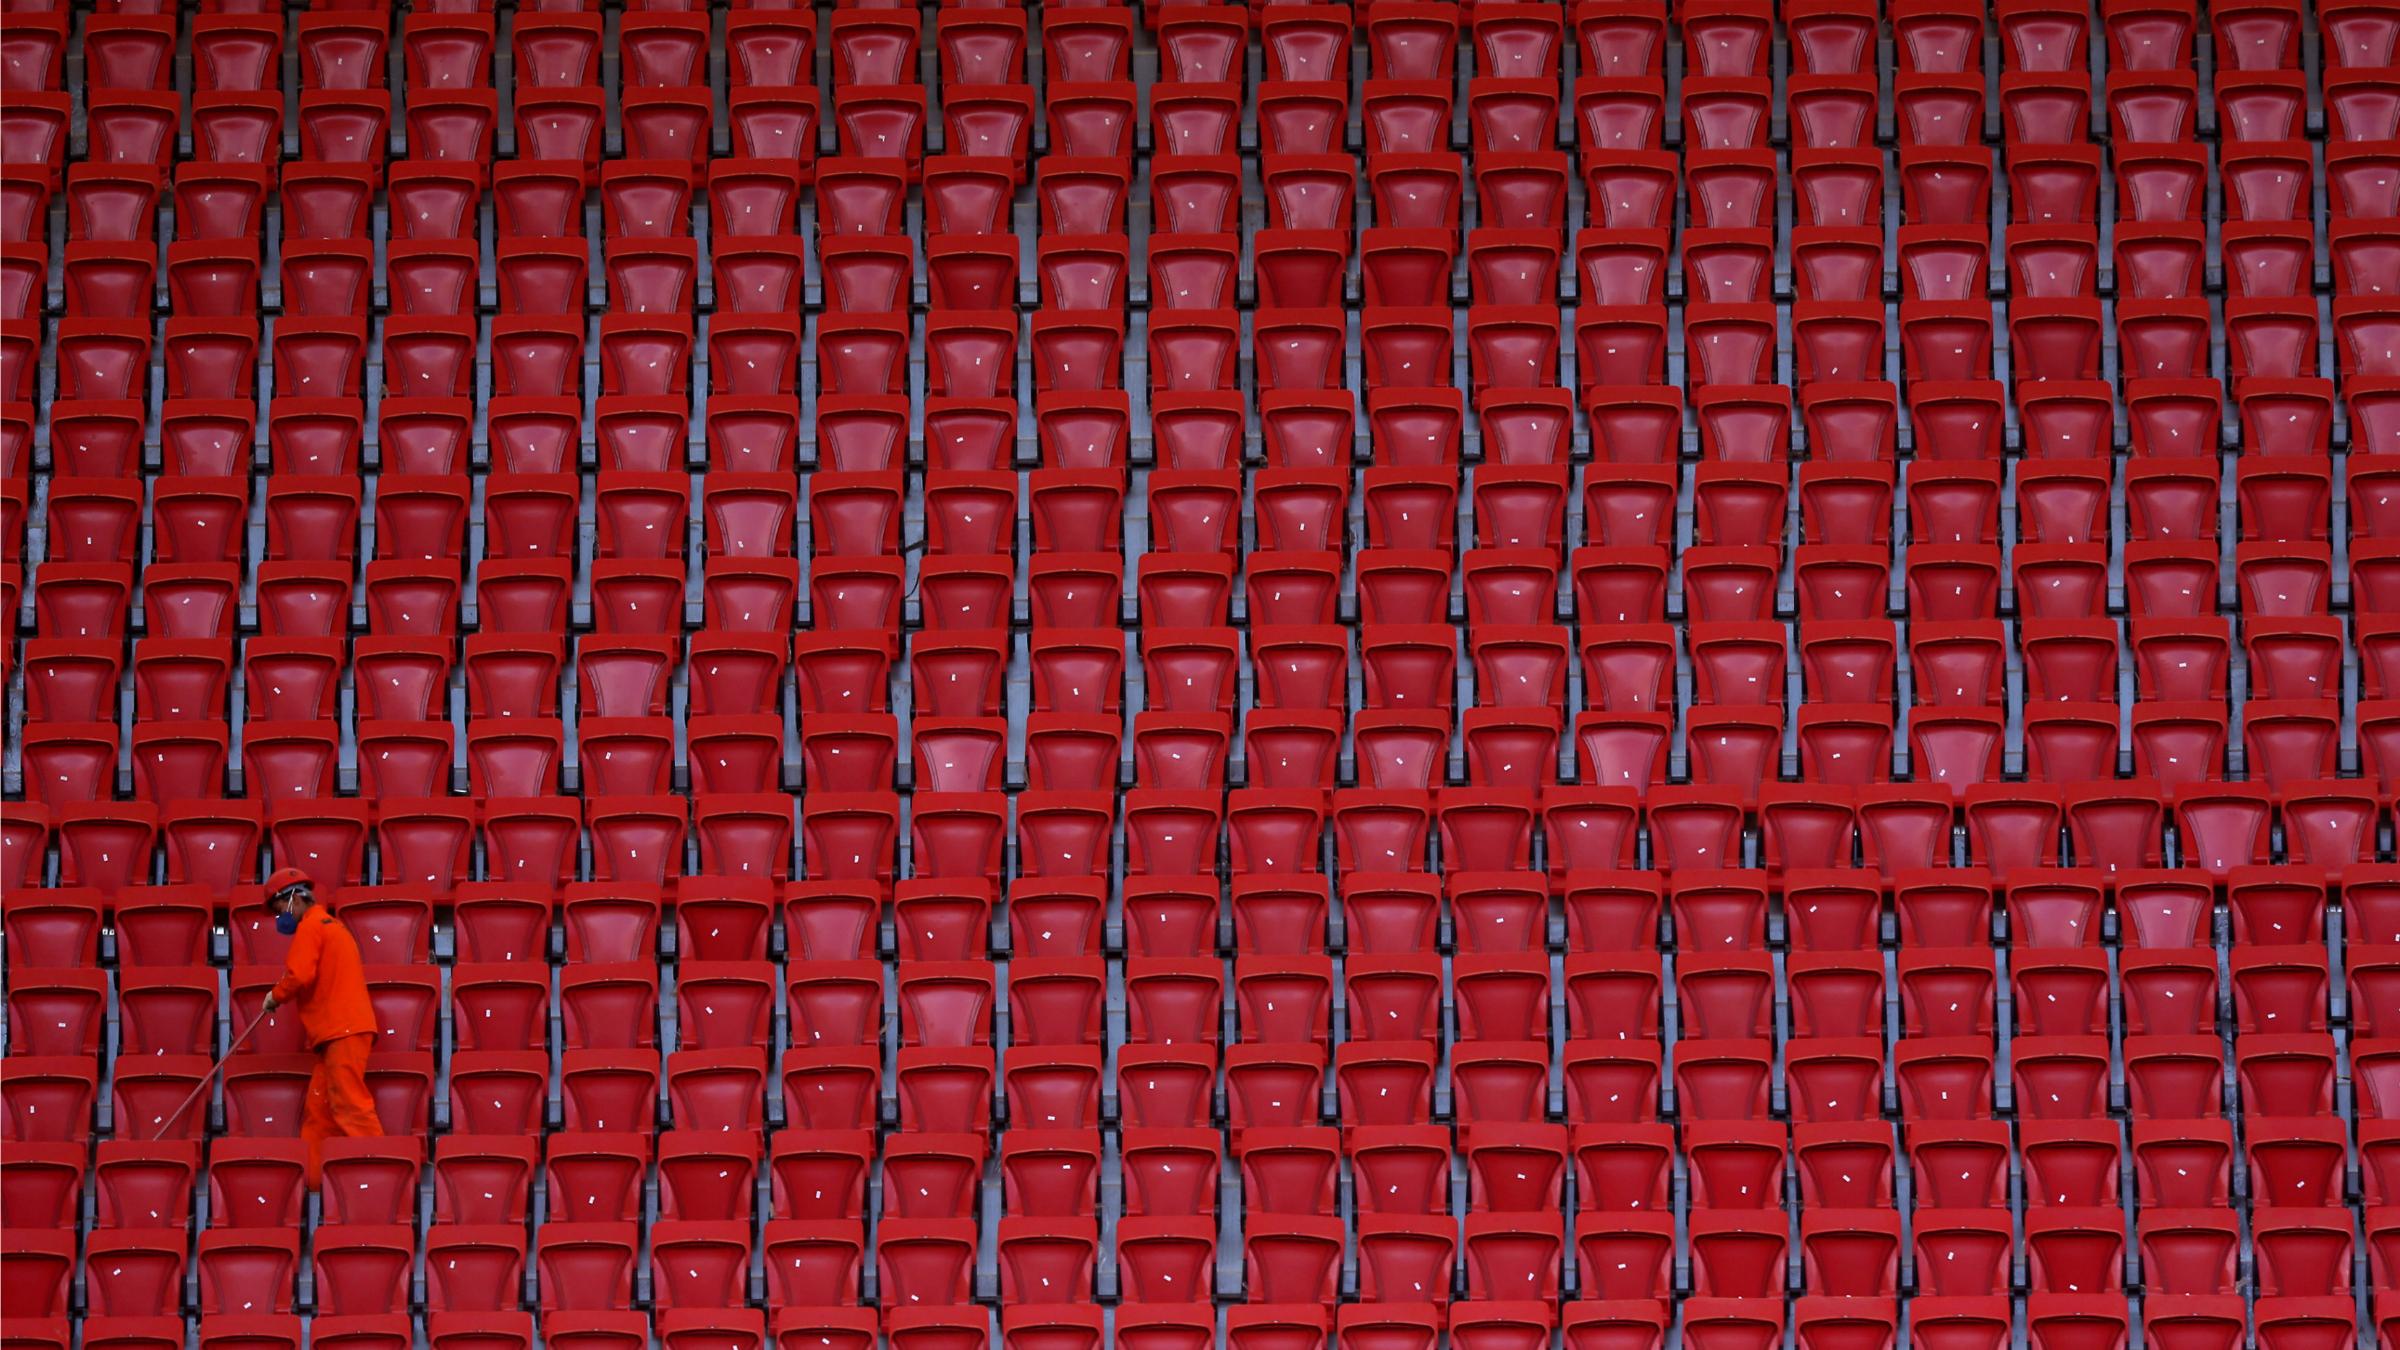 Brazil soccer stadium